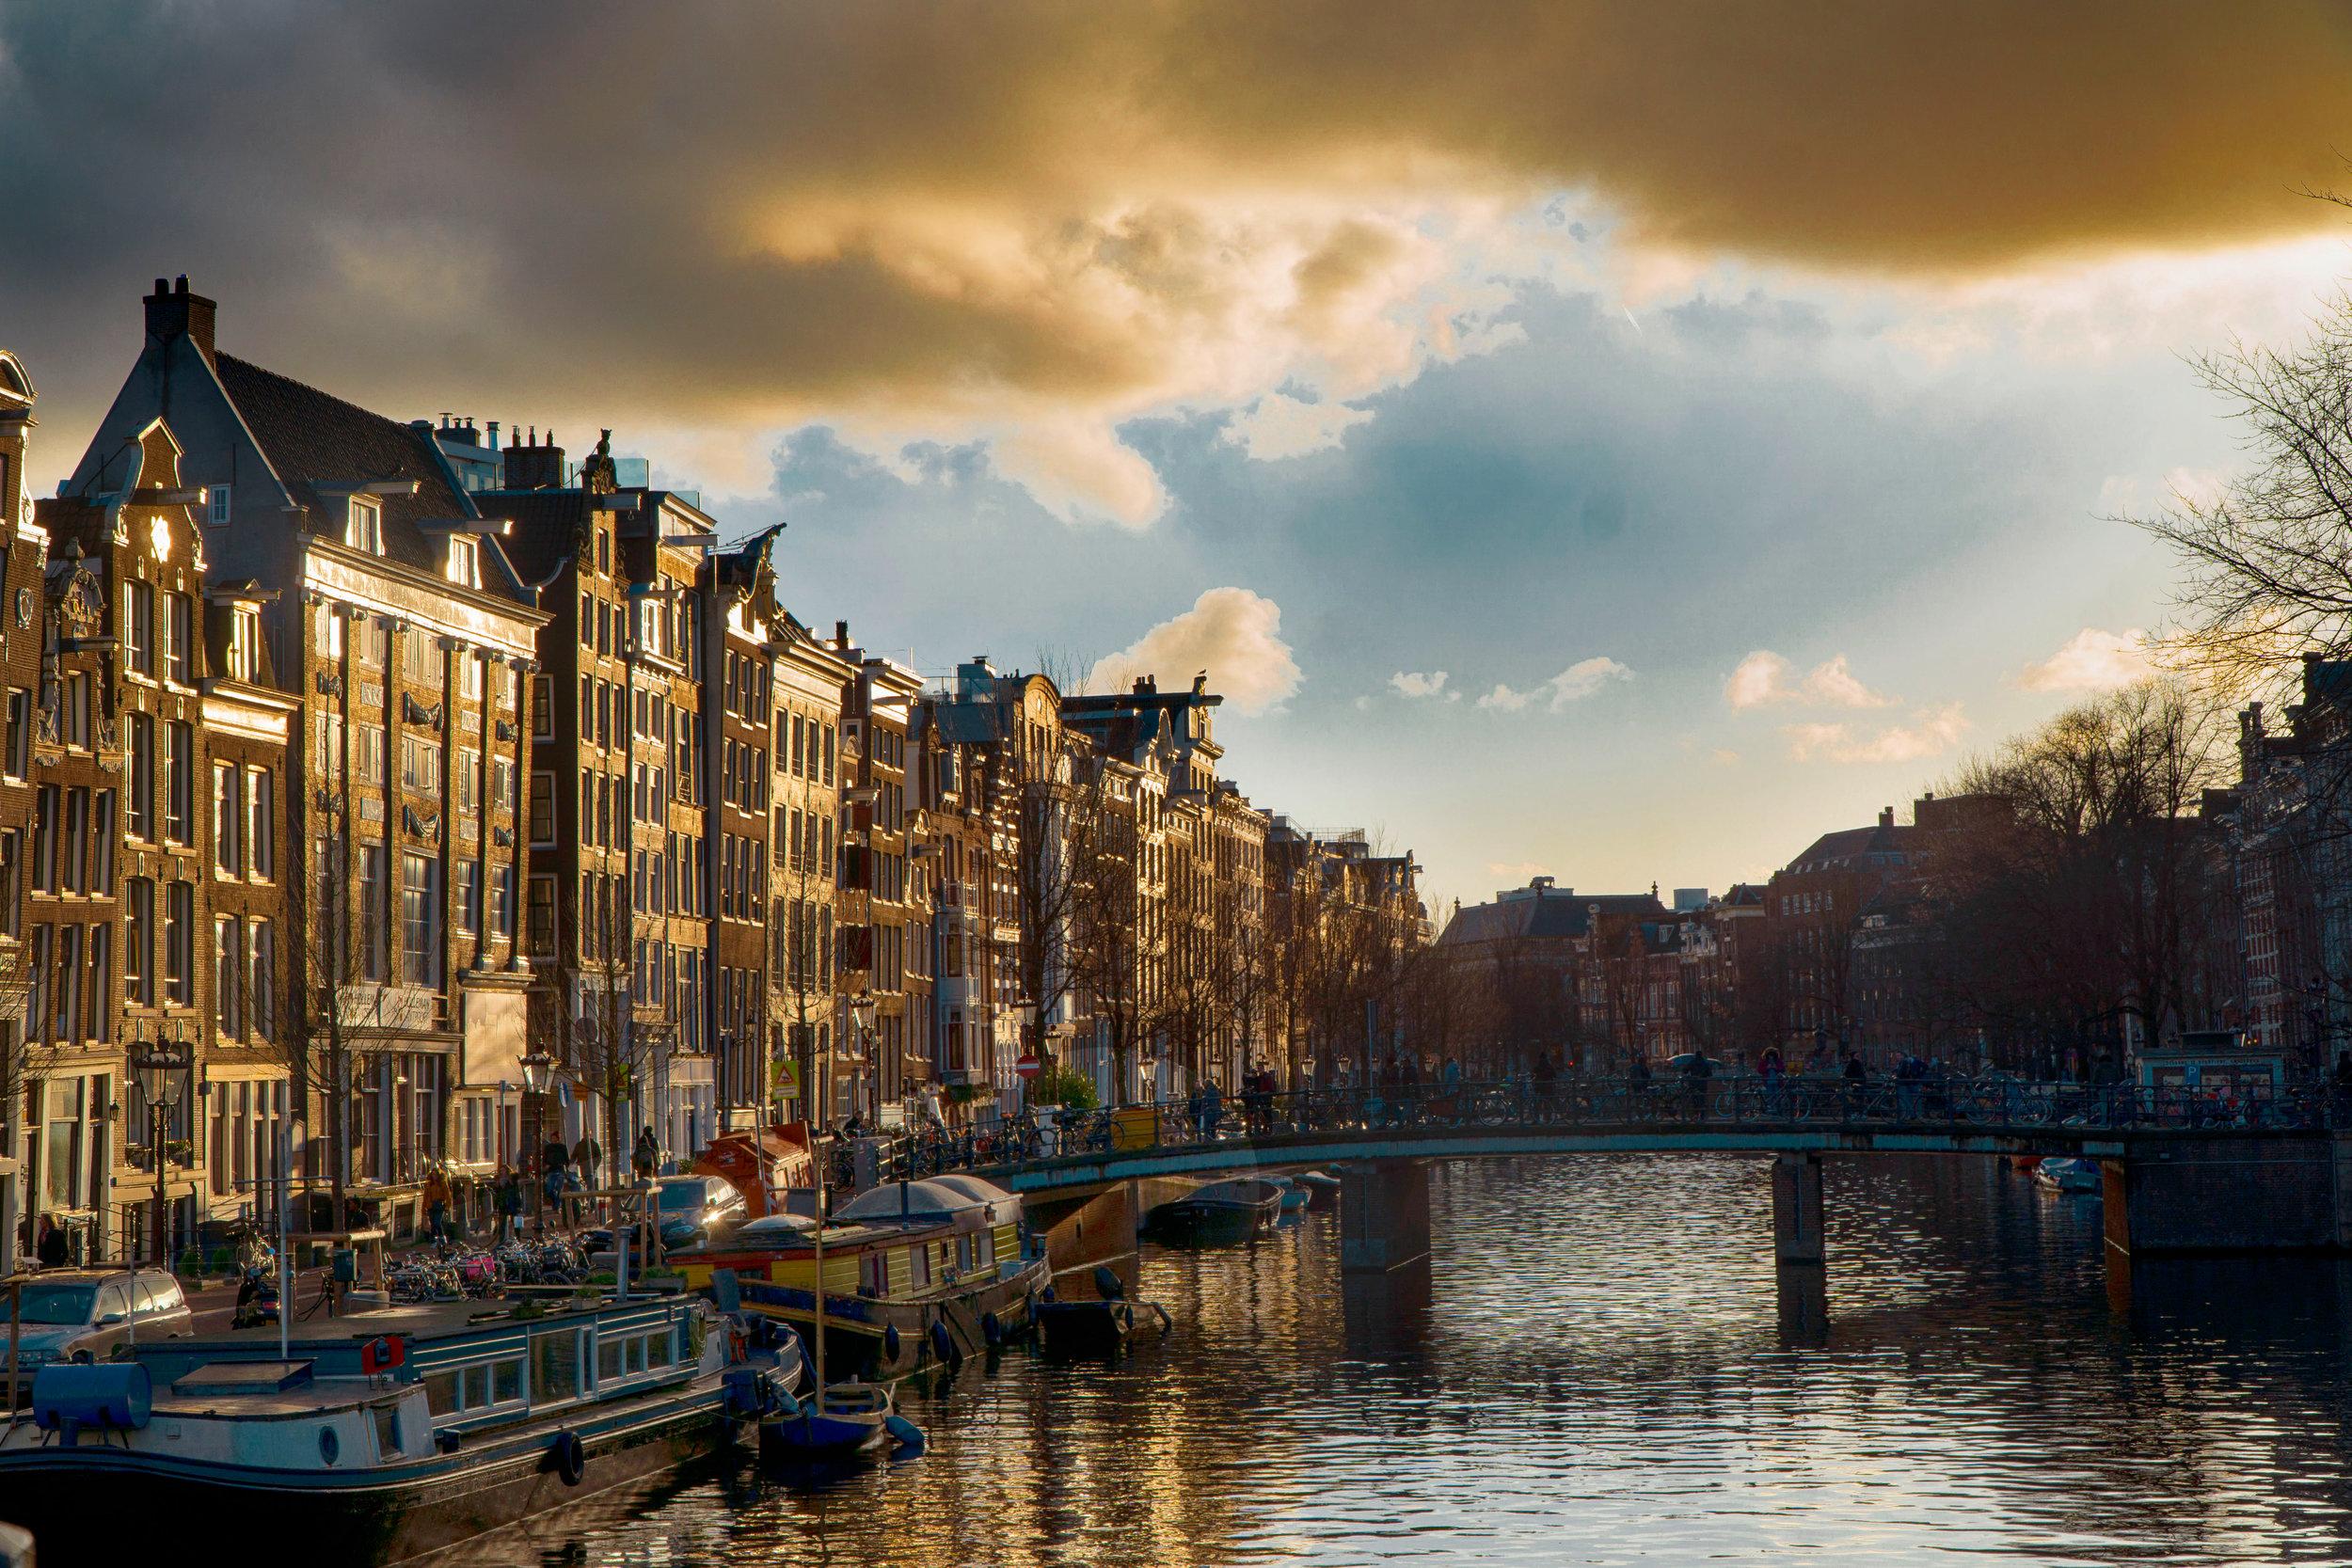 Amsterdam_vickygood_travel_photography_sm.jpg